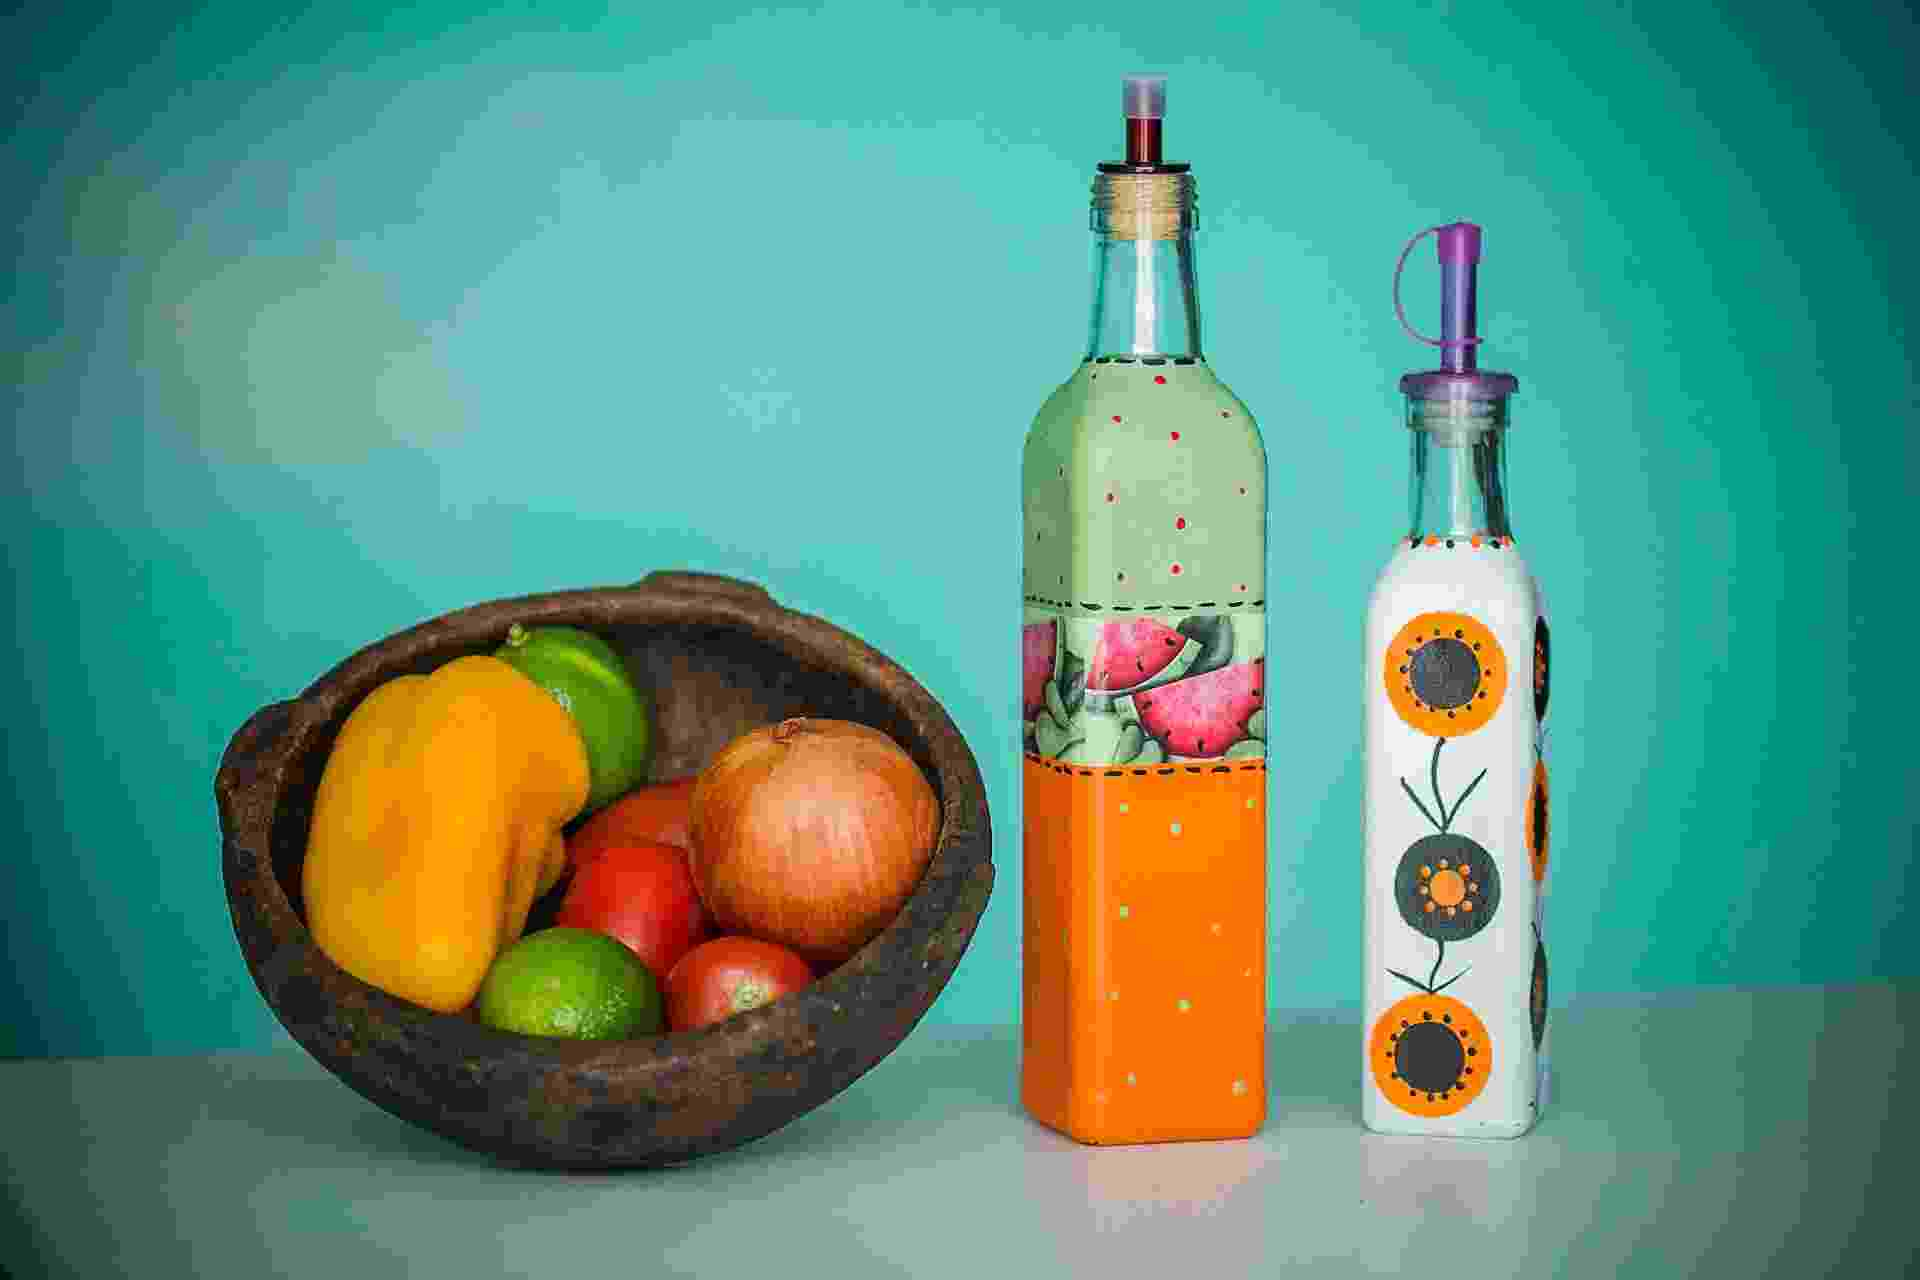 Em vez de jogar fora as garrafas de azeite e vinagre, que têm formatos diferentes, você pode personalizá-las como ensina a artesã, Cristina Mota. Veja como é simples - Leonardo Soares de Souza/ UOL